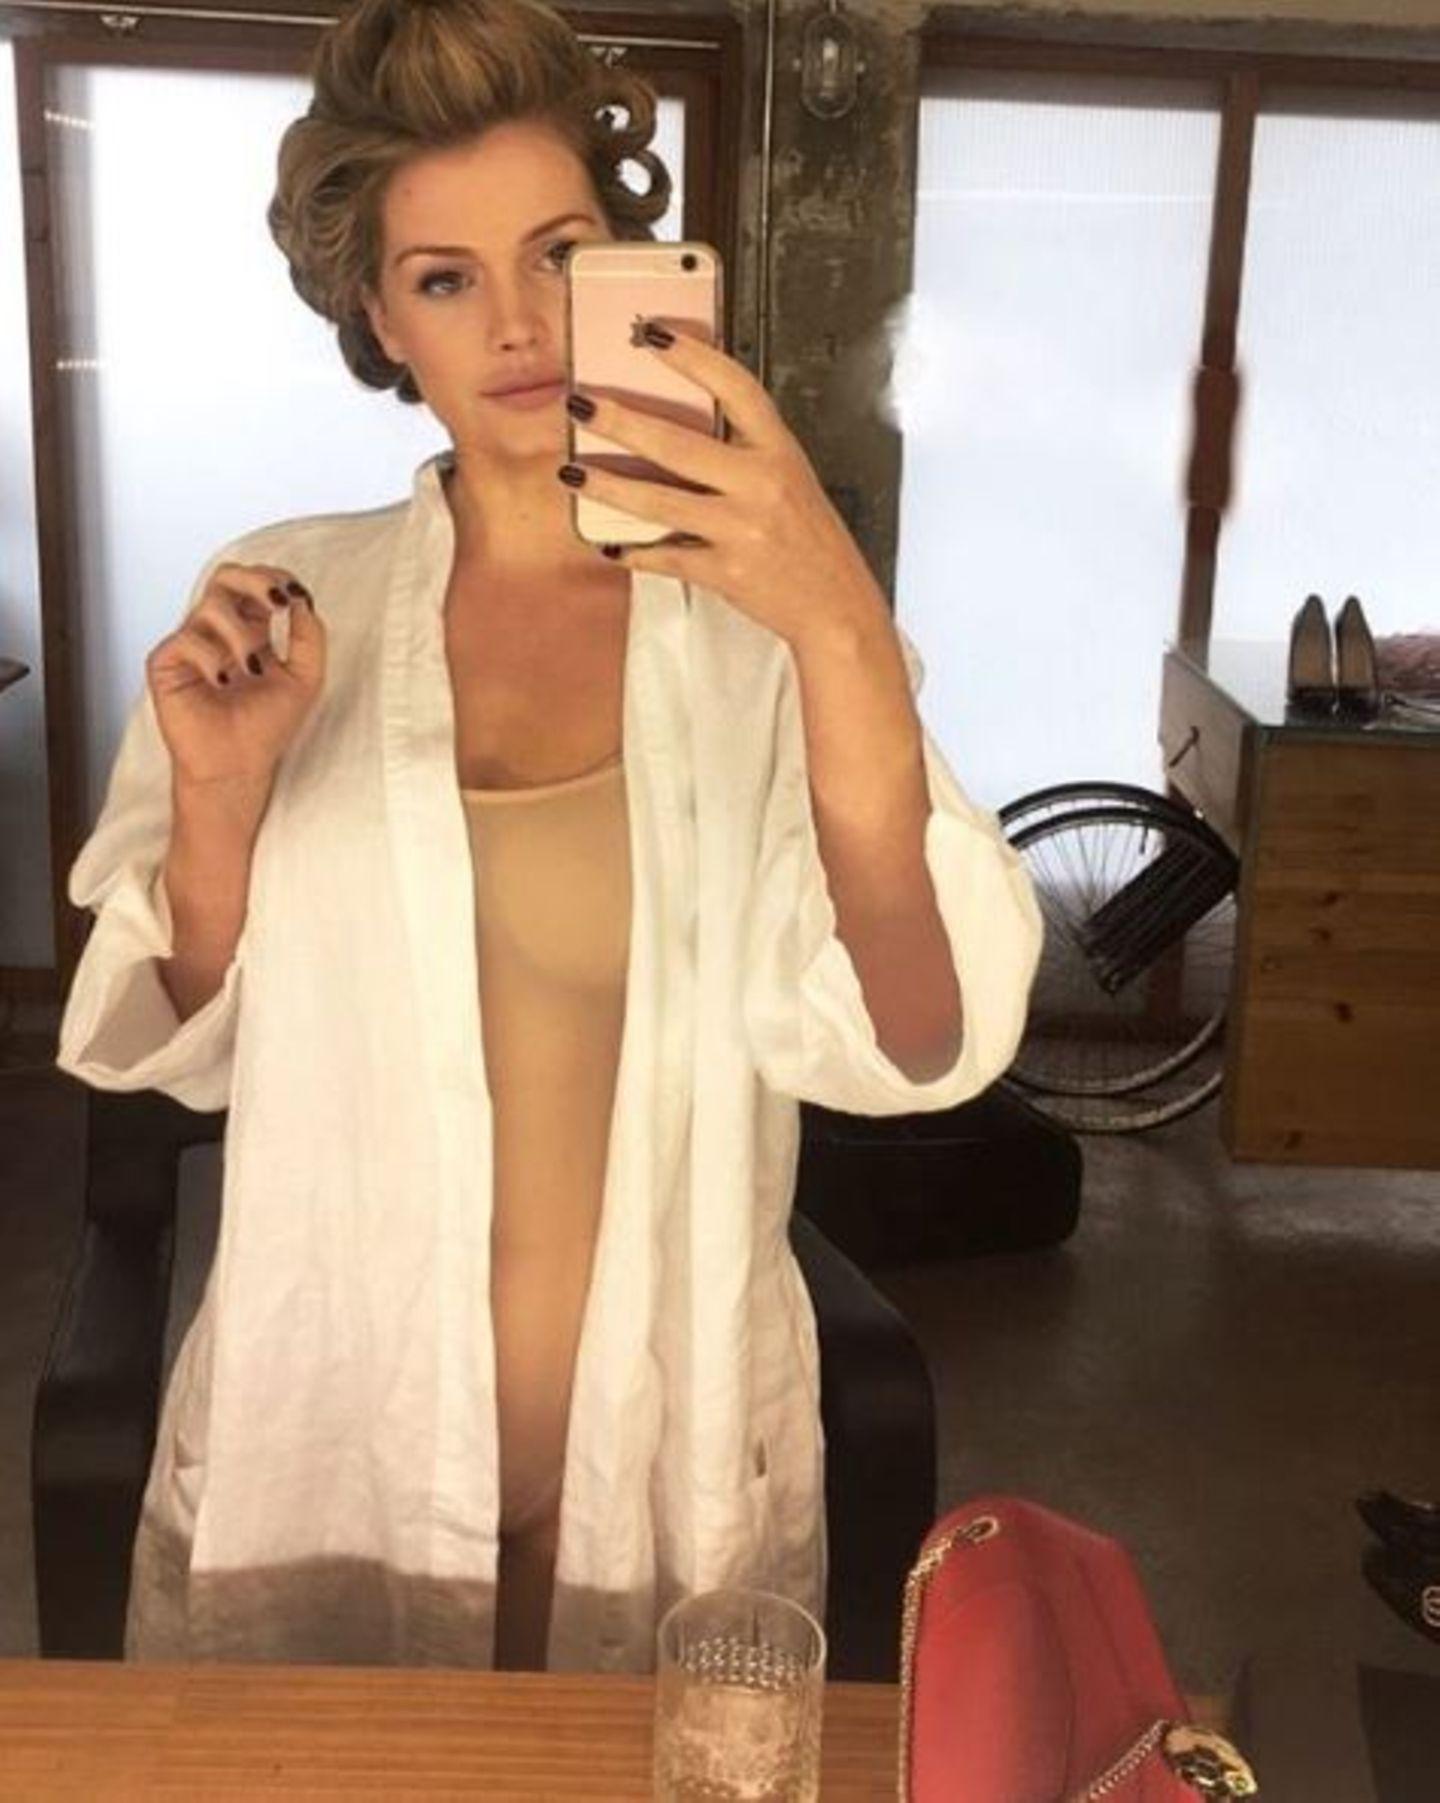 Während eines Shootings in Madrid lässt es sich Lady Kitty Spencer nicht nehmen, in der Maske ein Mirror-Selfie zu schießen, das Geschichte schreiben dürfte. Darauf trägt sie unter dem Bademantel nämlich nur einen transparenten Nudebody, der sie fast schon nackt erscheinen lässt. Für andere britische Royals wie Kate ist so ein Look natürlich undenkbar!